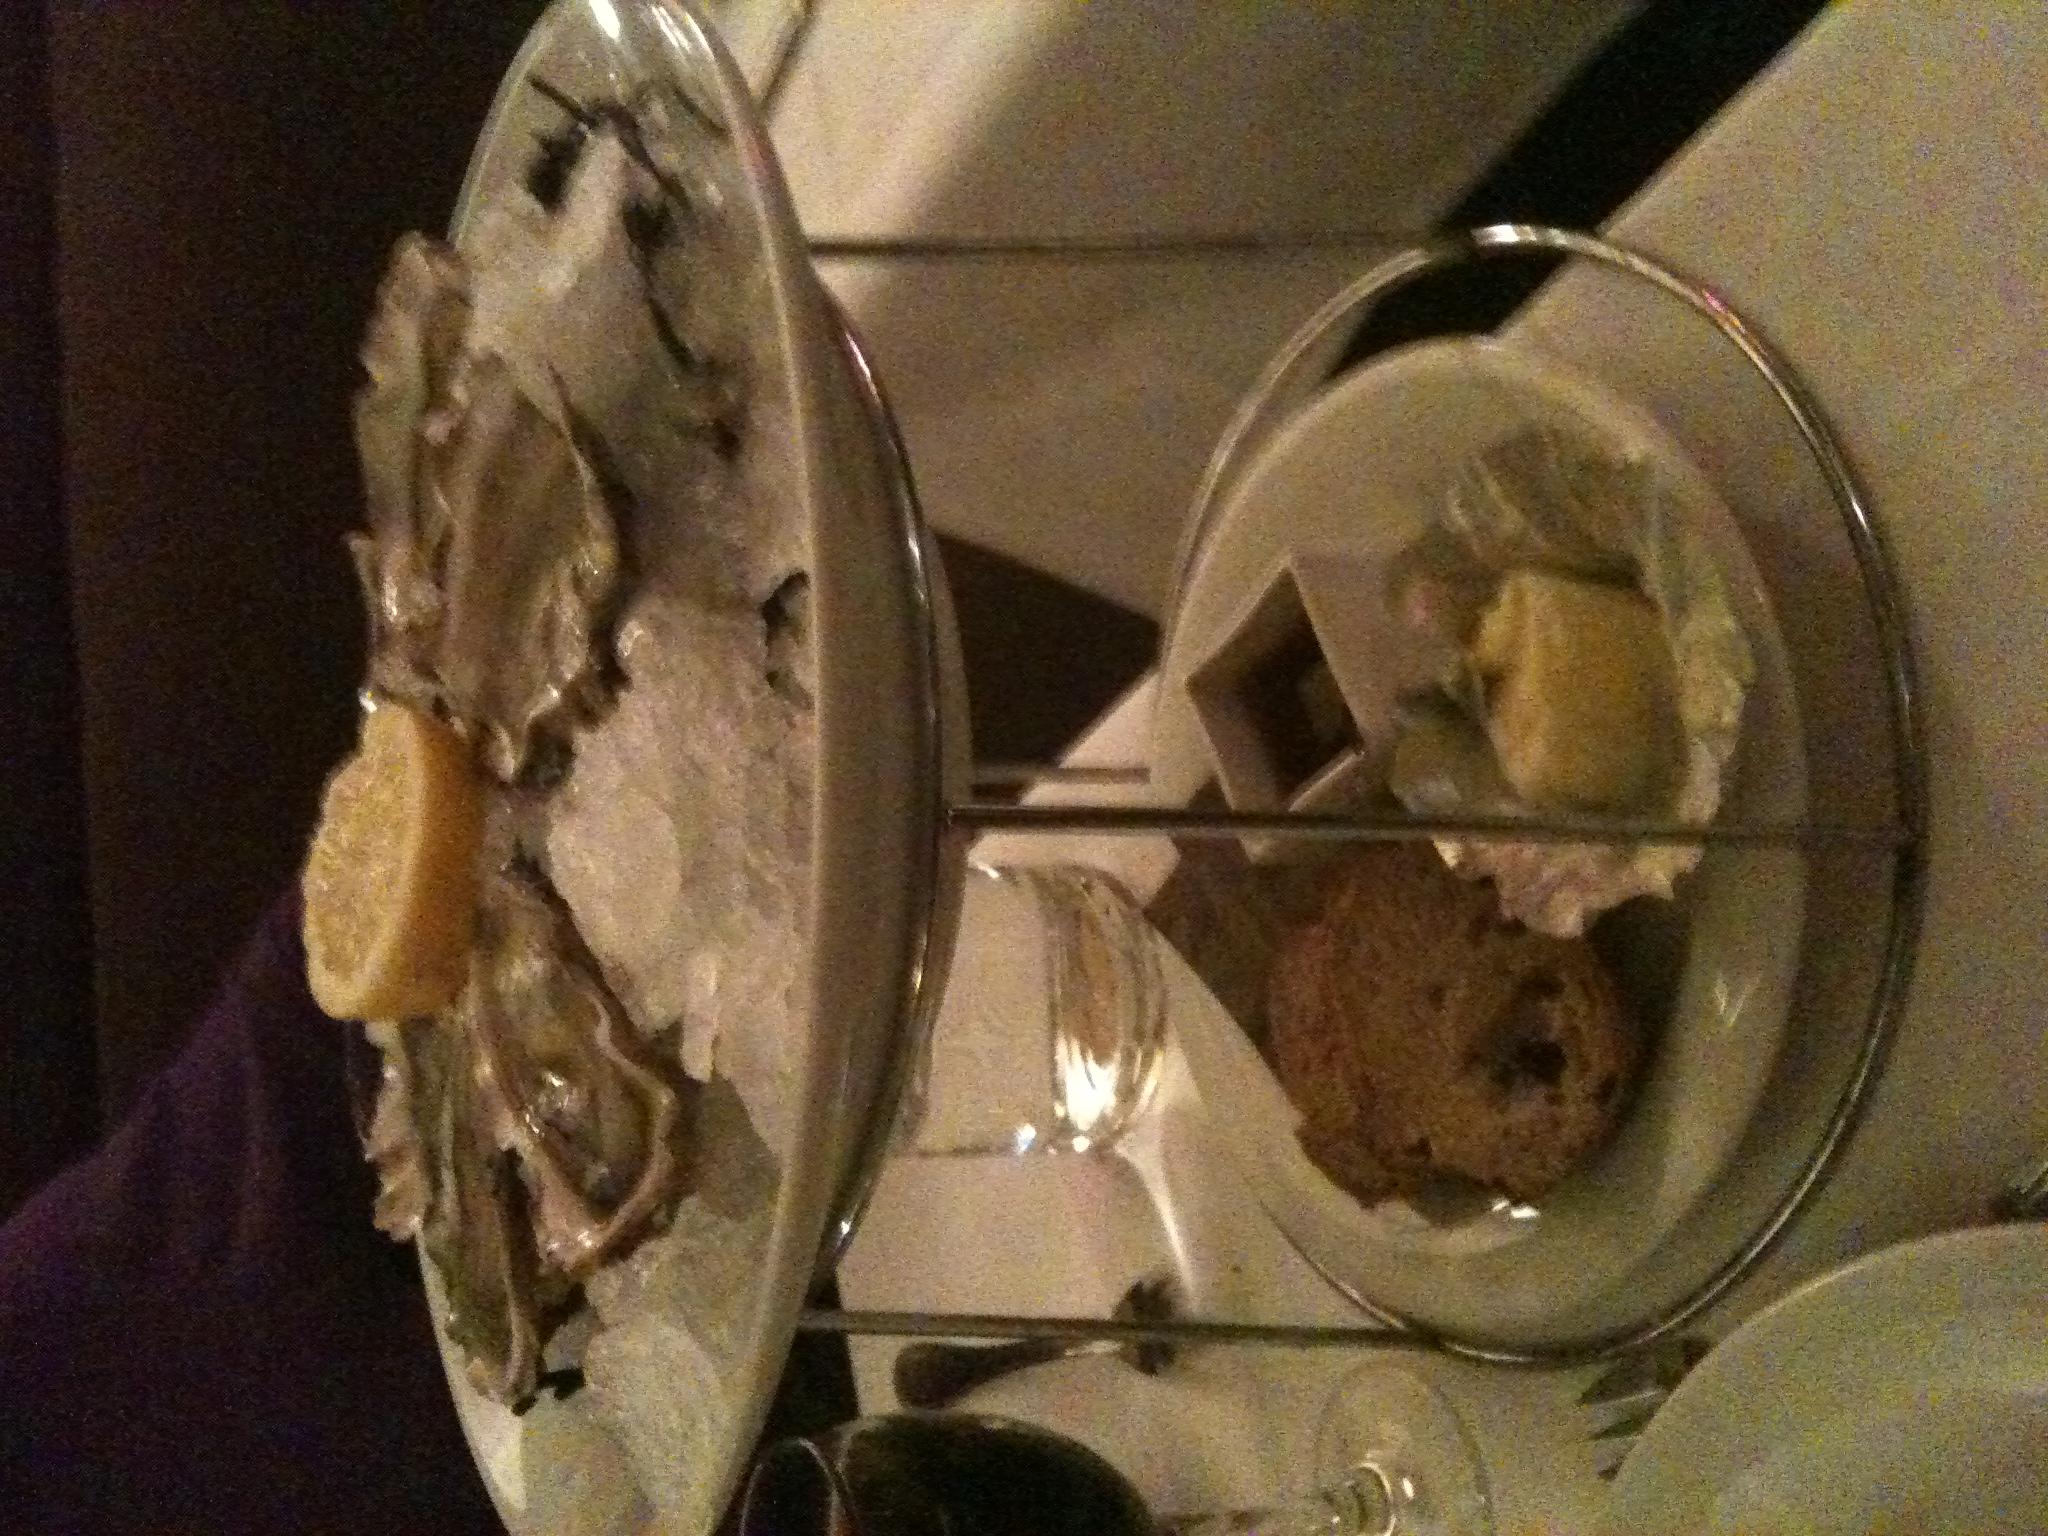 Restaurant Le Man Ef Bf Bdge Saint Germain En Laye